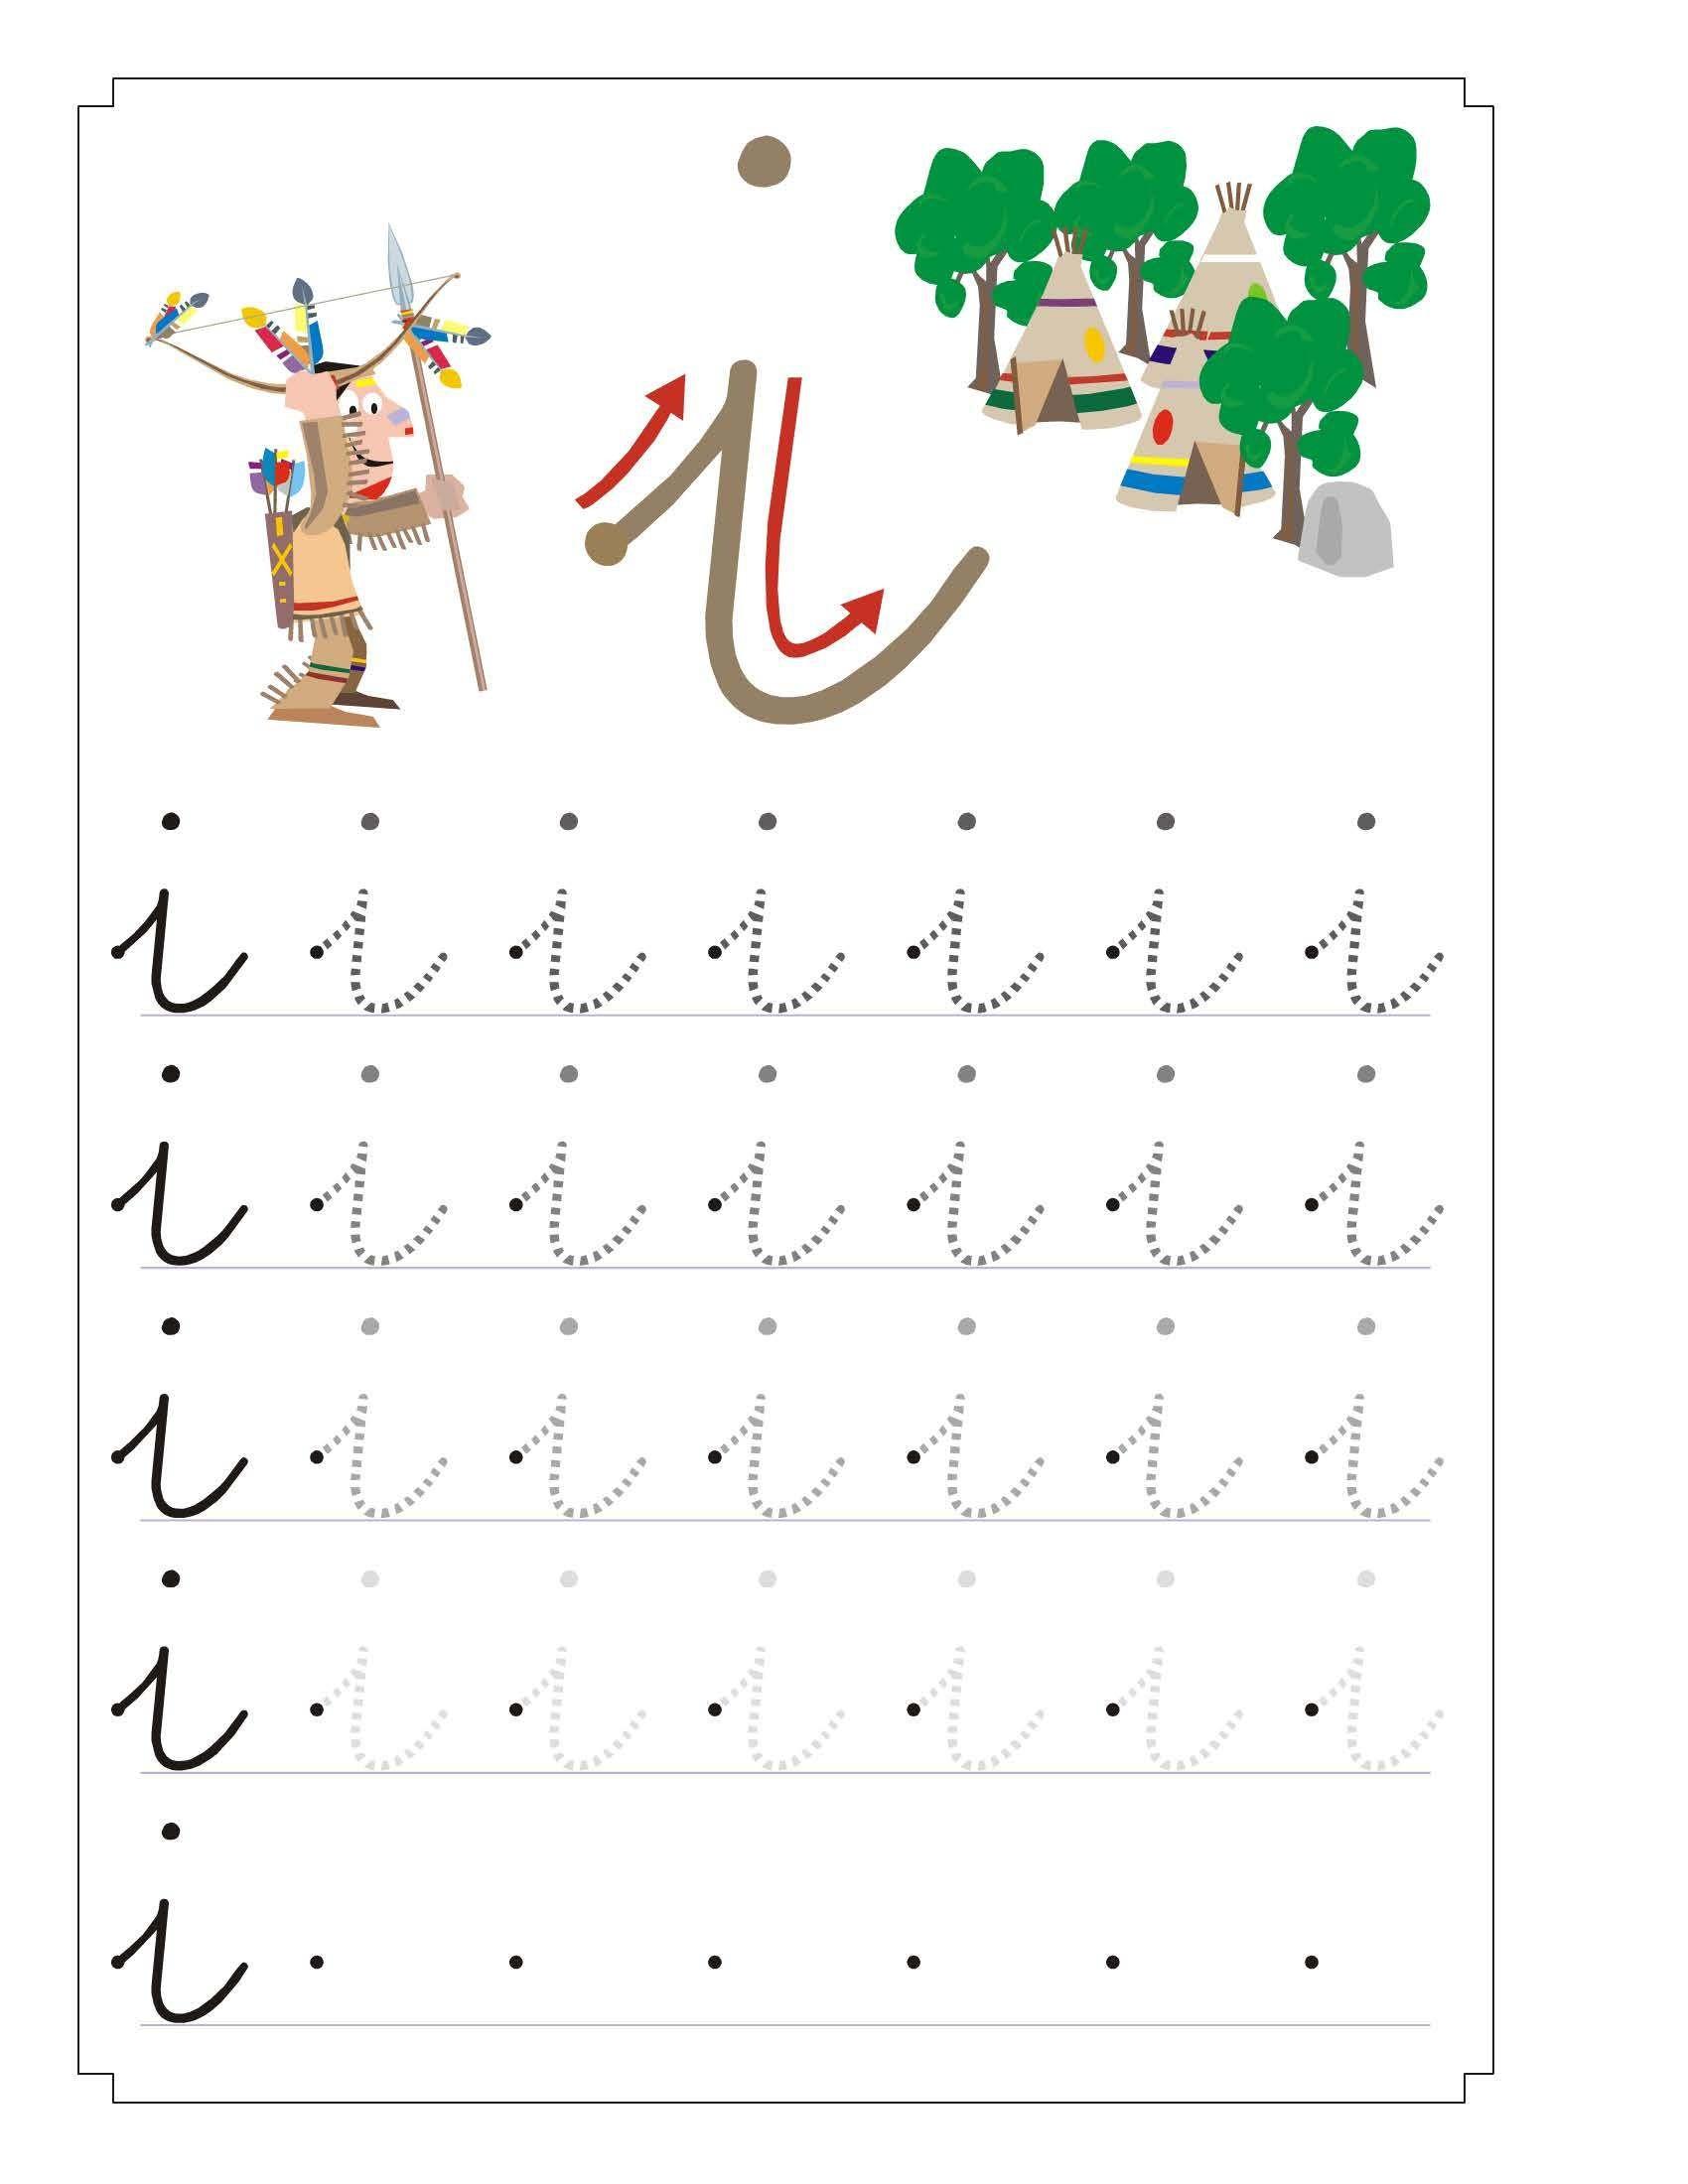 Calendario 2019 Mexico Feriados 2019 Argentina Más Reciente Erika Rojas Portilla Tarjetas De Aprendizaje Las Vocales Ficha 4 Of Calendario 2019 Mexico Feriados 2019 Argentina Más Populares Este Es Sin Duda Calendario 2019 Para Imprimir Feriados Mexico